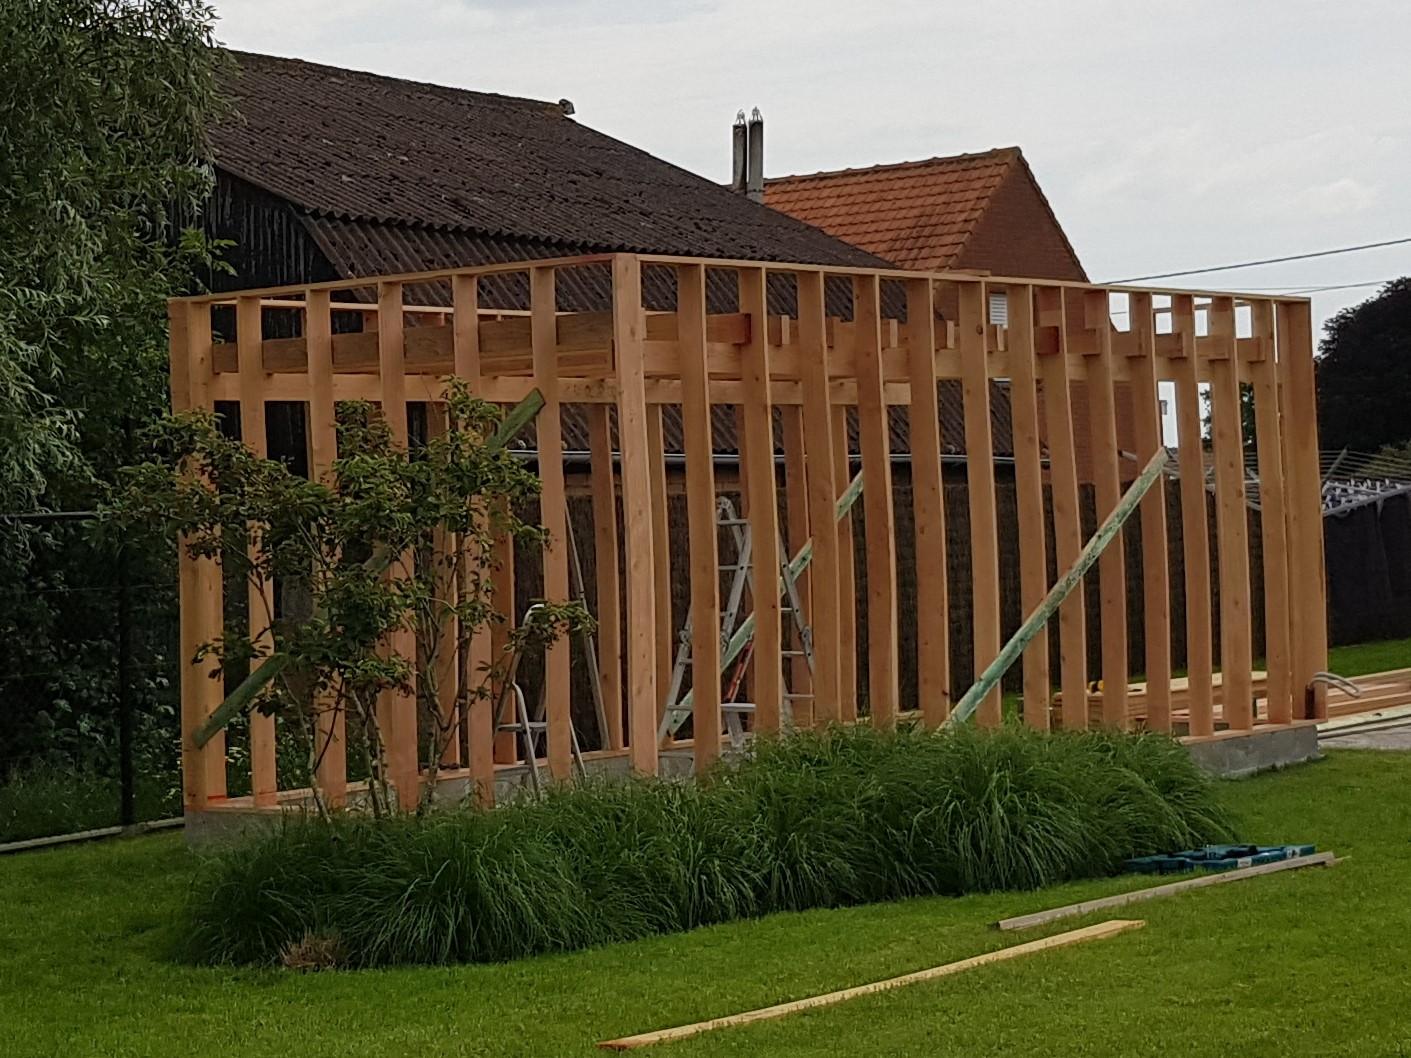 Tuinhuis op maat - Bovenkerke - juni 2019 - in aanbouw   Dit strak tuinhuis zal afgewerkt worden met zwart gedrenkt Douglas. Hier zal ook een verdoken deur ingewerkt worden. De deuropening zal extra breed zijn: de bouwheer wenst zijn zitmaaier binnen laten overnachten.